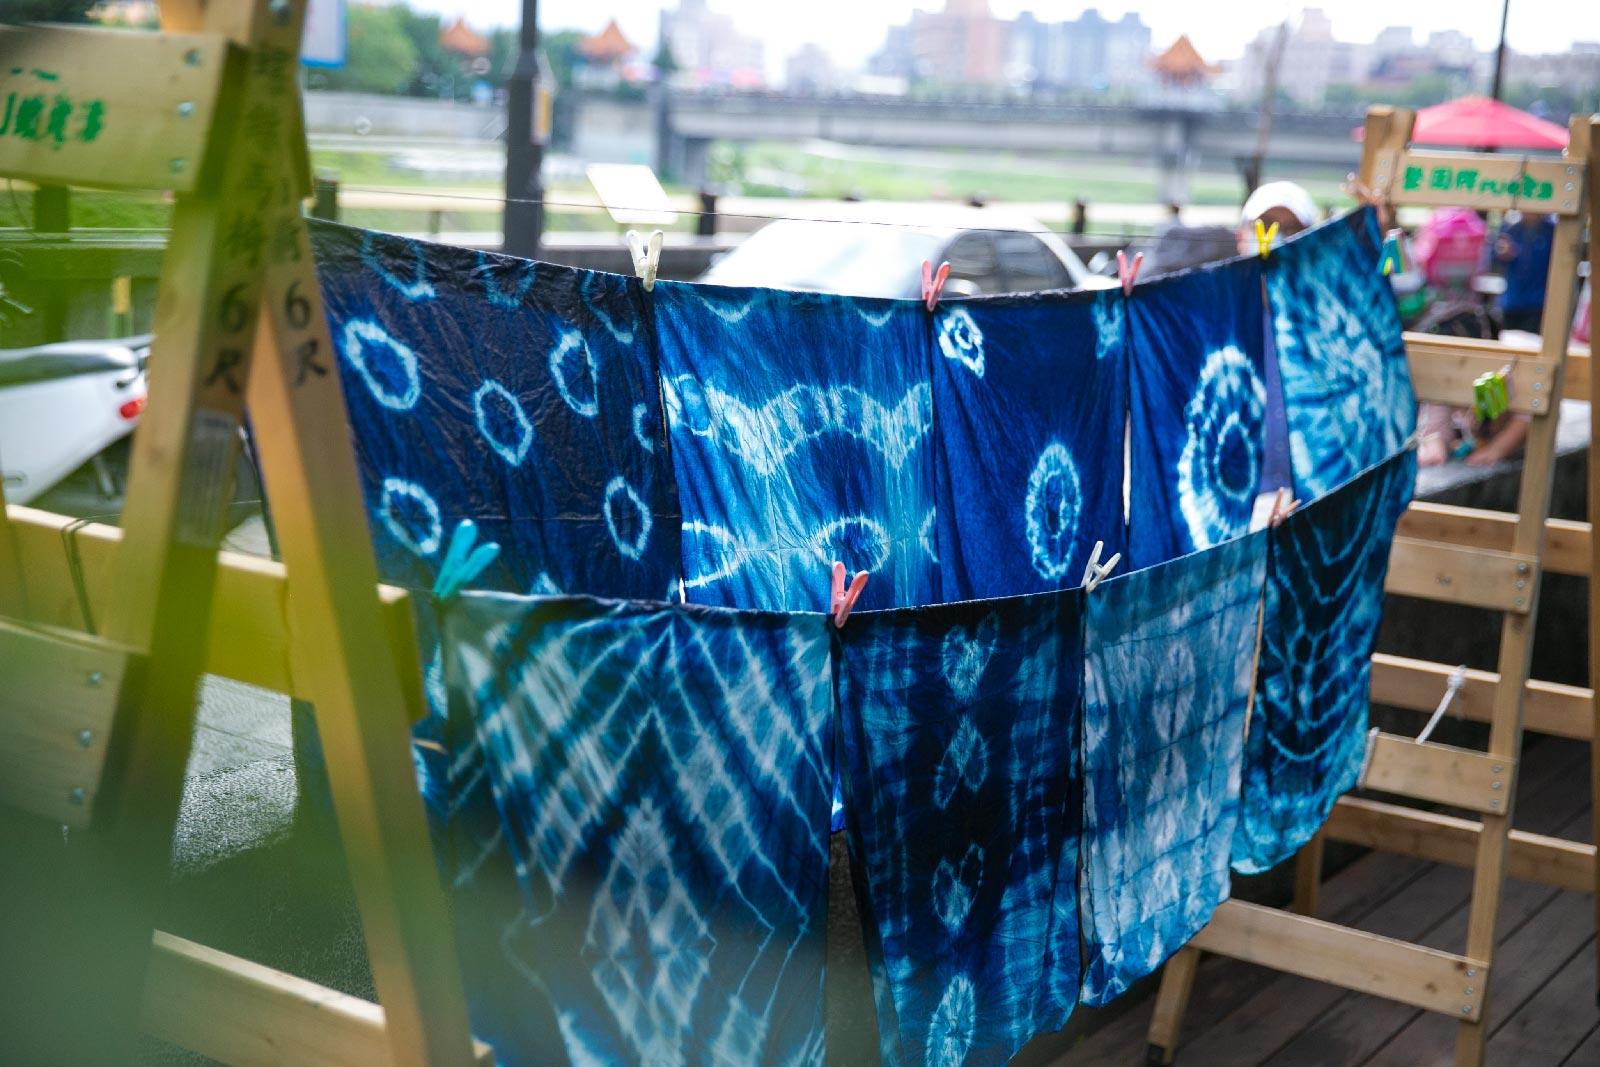 你知道嗎,清朝末年,三角湧(三峽)是北台灣最重要的染布業中心,也曾是藍染的染料植物「大菁」的主要產地,現今的三峽老街仍能看到許多當年留下的「染坊」牌樓立面。我們在甘樂食堂也建置了染坊。邀請您,在旅行途中,透過在地師傅的指導,藉由手做的溫度,創造屬於自己旅行的紀念品,除了更認識三峽,也共同延續了傳統職人的技藝。 | 甘樂文創 | 甘之如飴,樂在其中